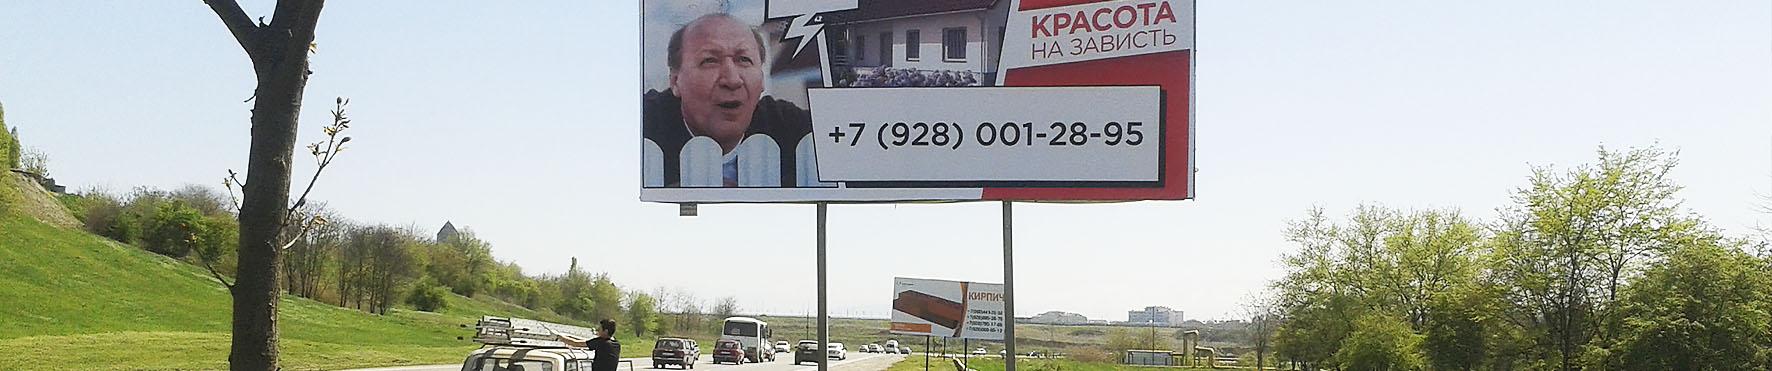 Наружная реклама 3х6 в Чечне фотографии